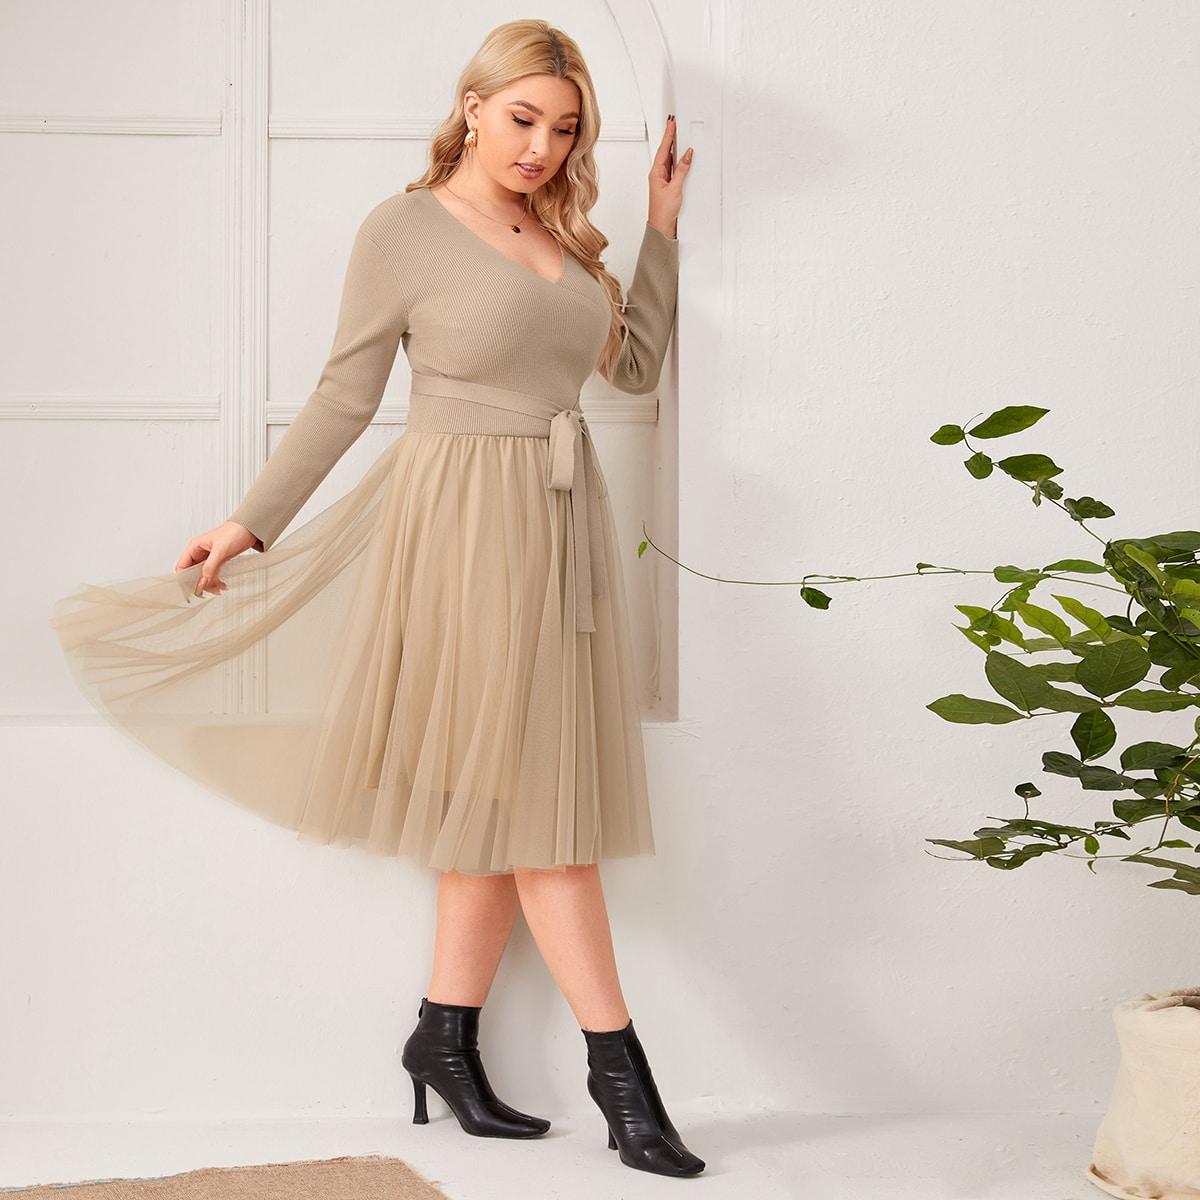 Сетчатое платье-свитер размера плюс с поясом и v-образным воротником